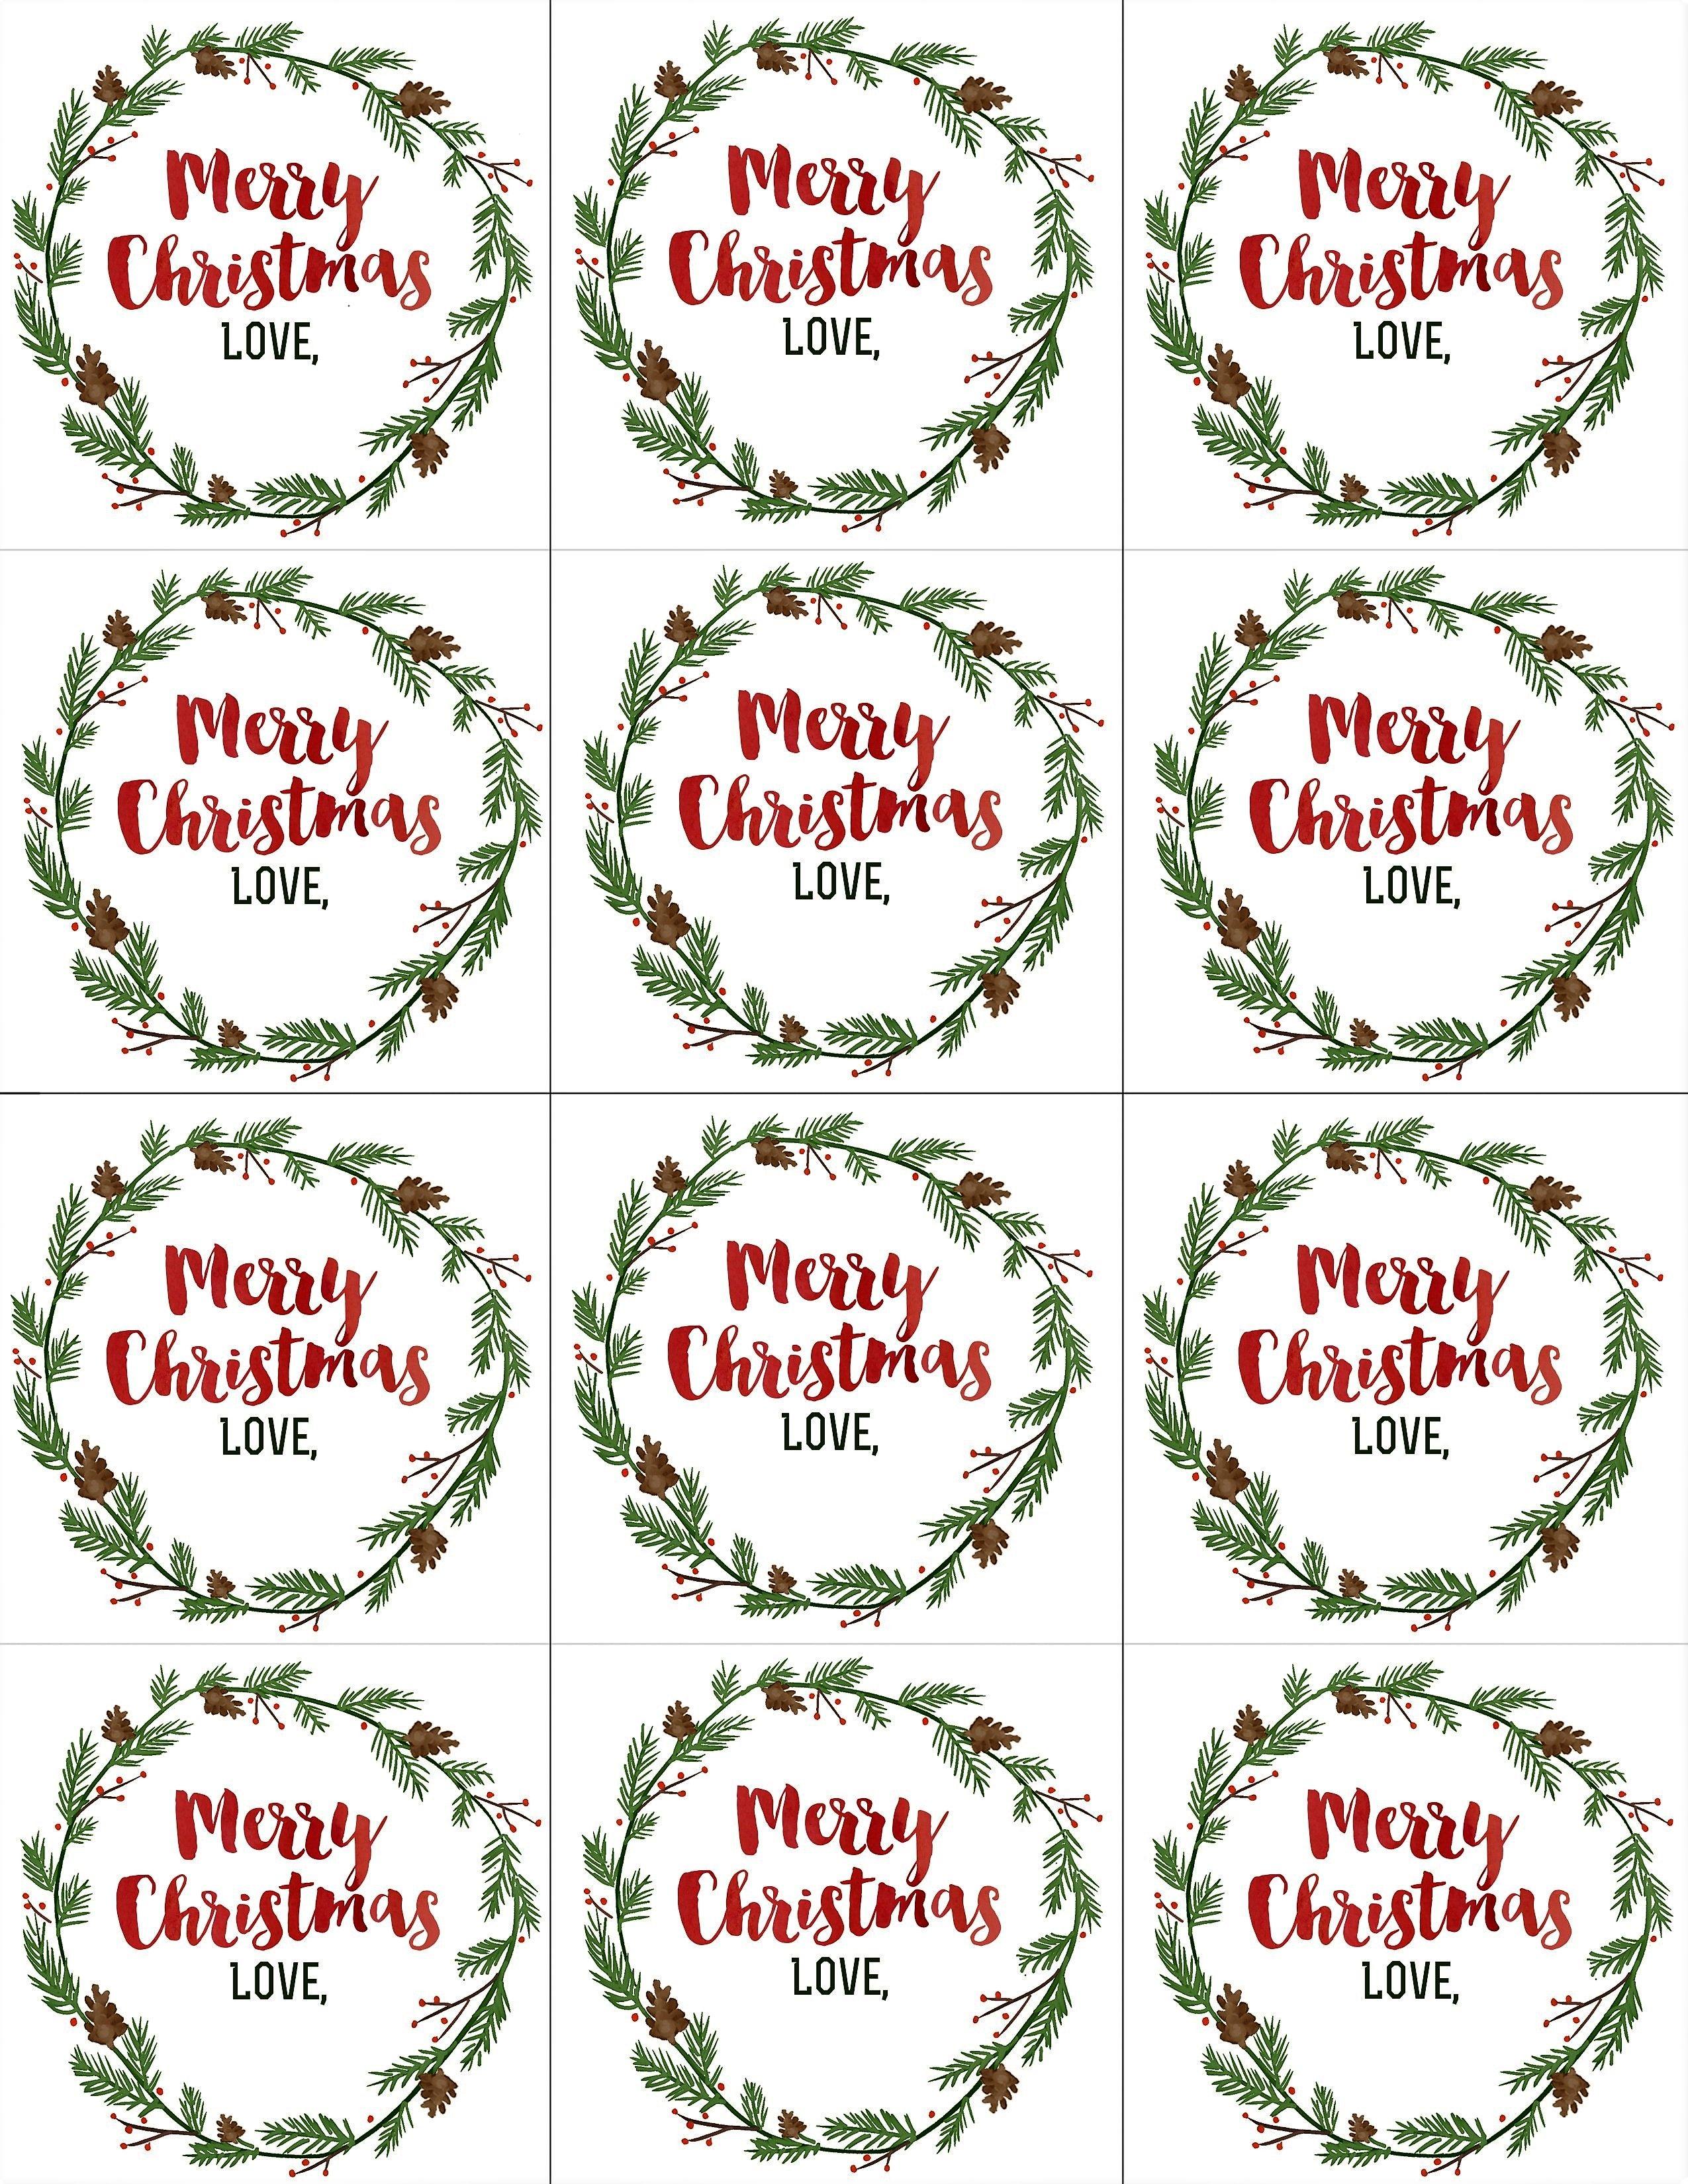 Merry Christmas Gift Tags Printable Diy Christmas Tags Printable Christmas Gift Tags Printable Merry Christmas Gift Tags